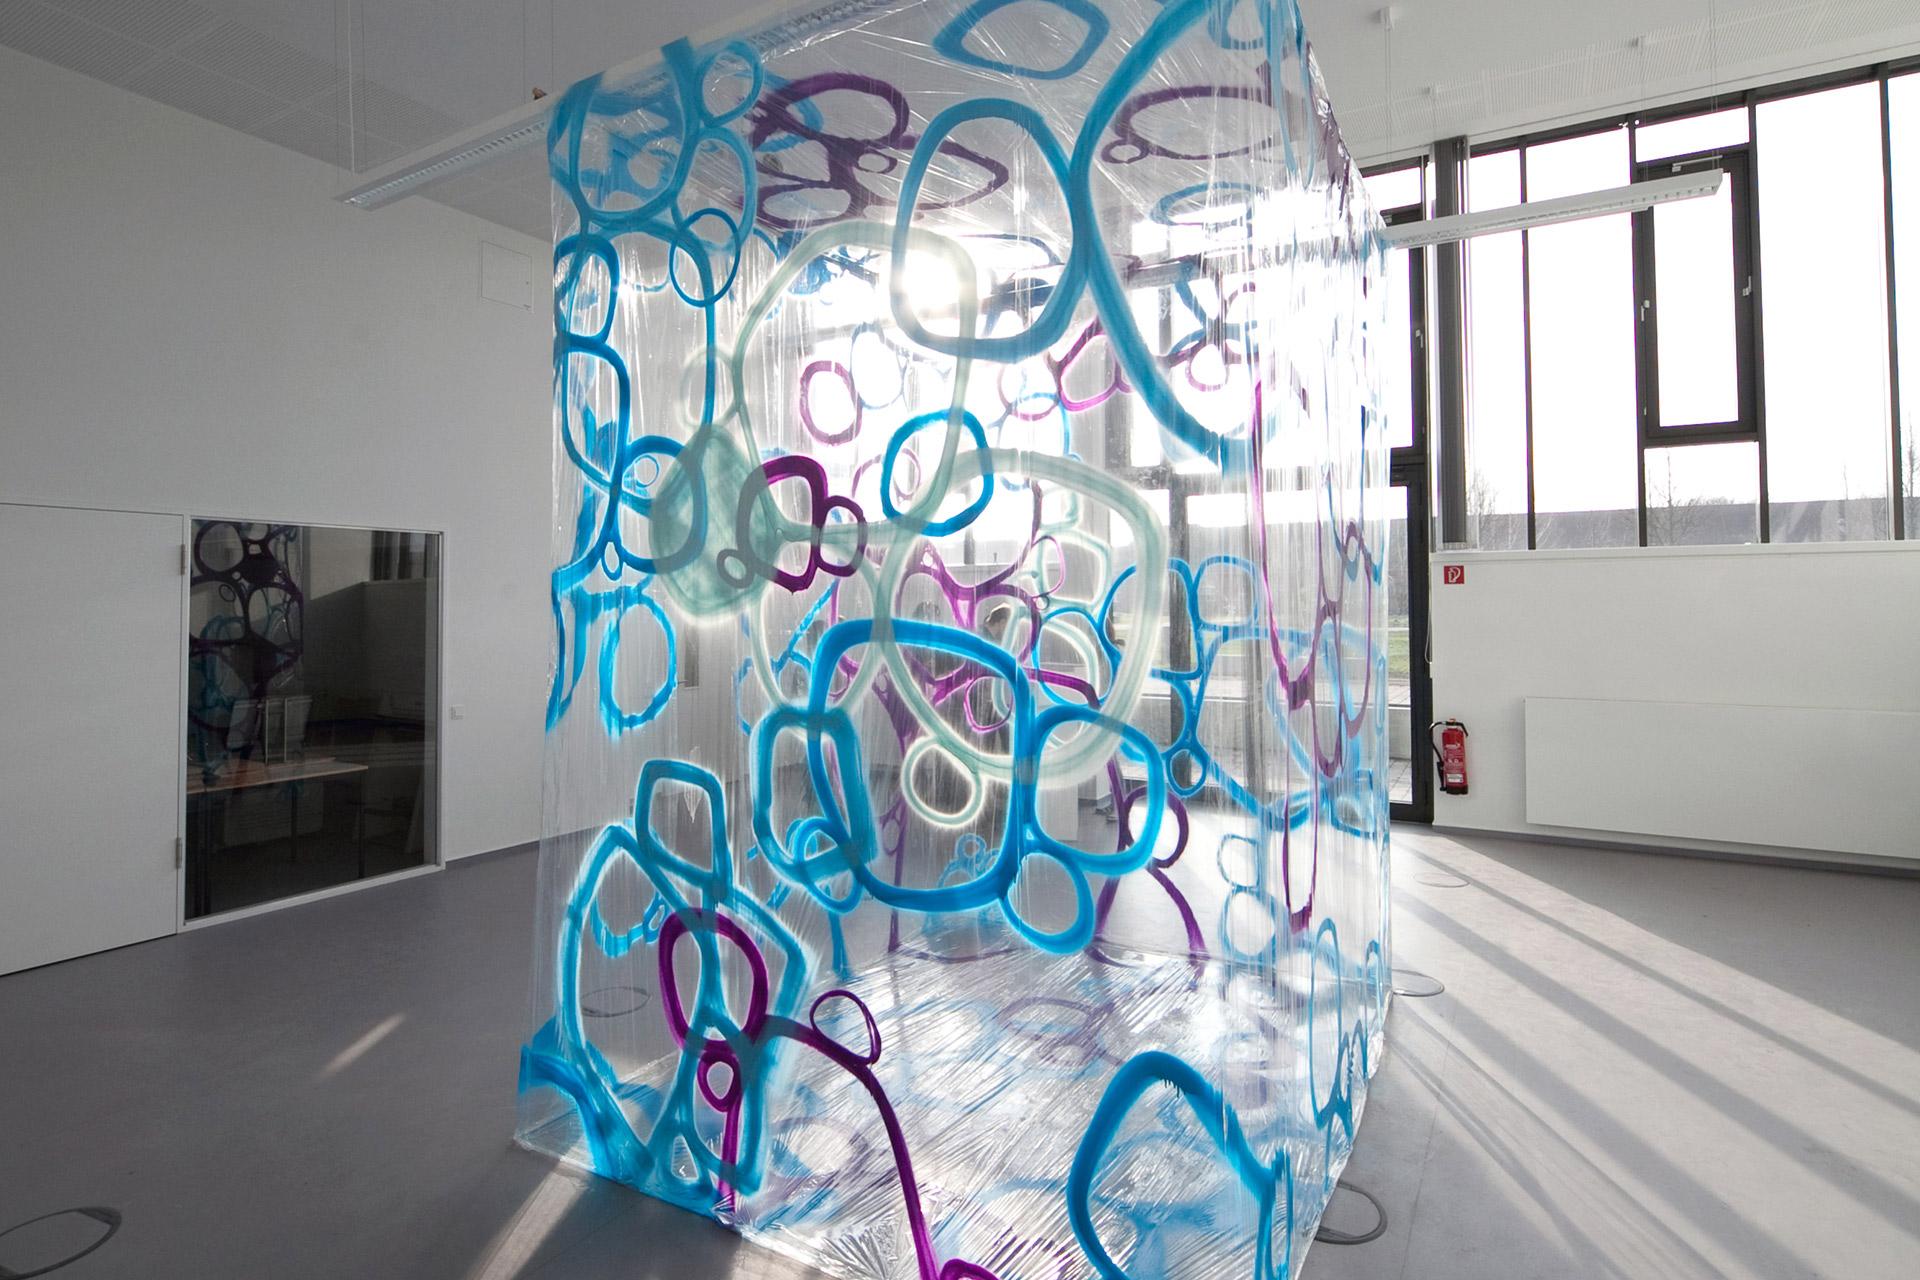 Rauminstallation, Graffiti, Raum, Folie, Spray, Design, Grafik, Blau, Bennet Grüttner, Gedanken, Auckz, Münster